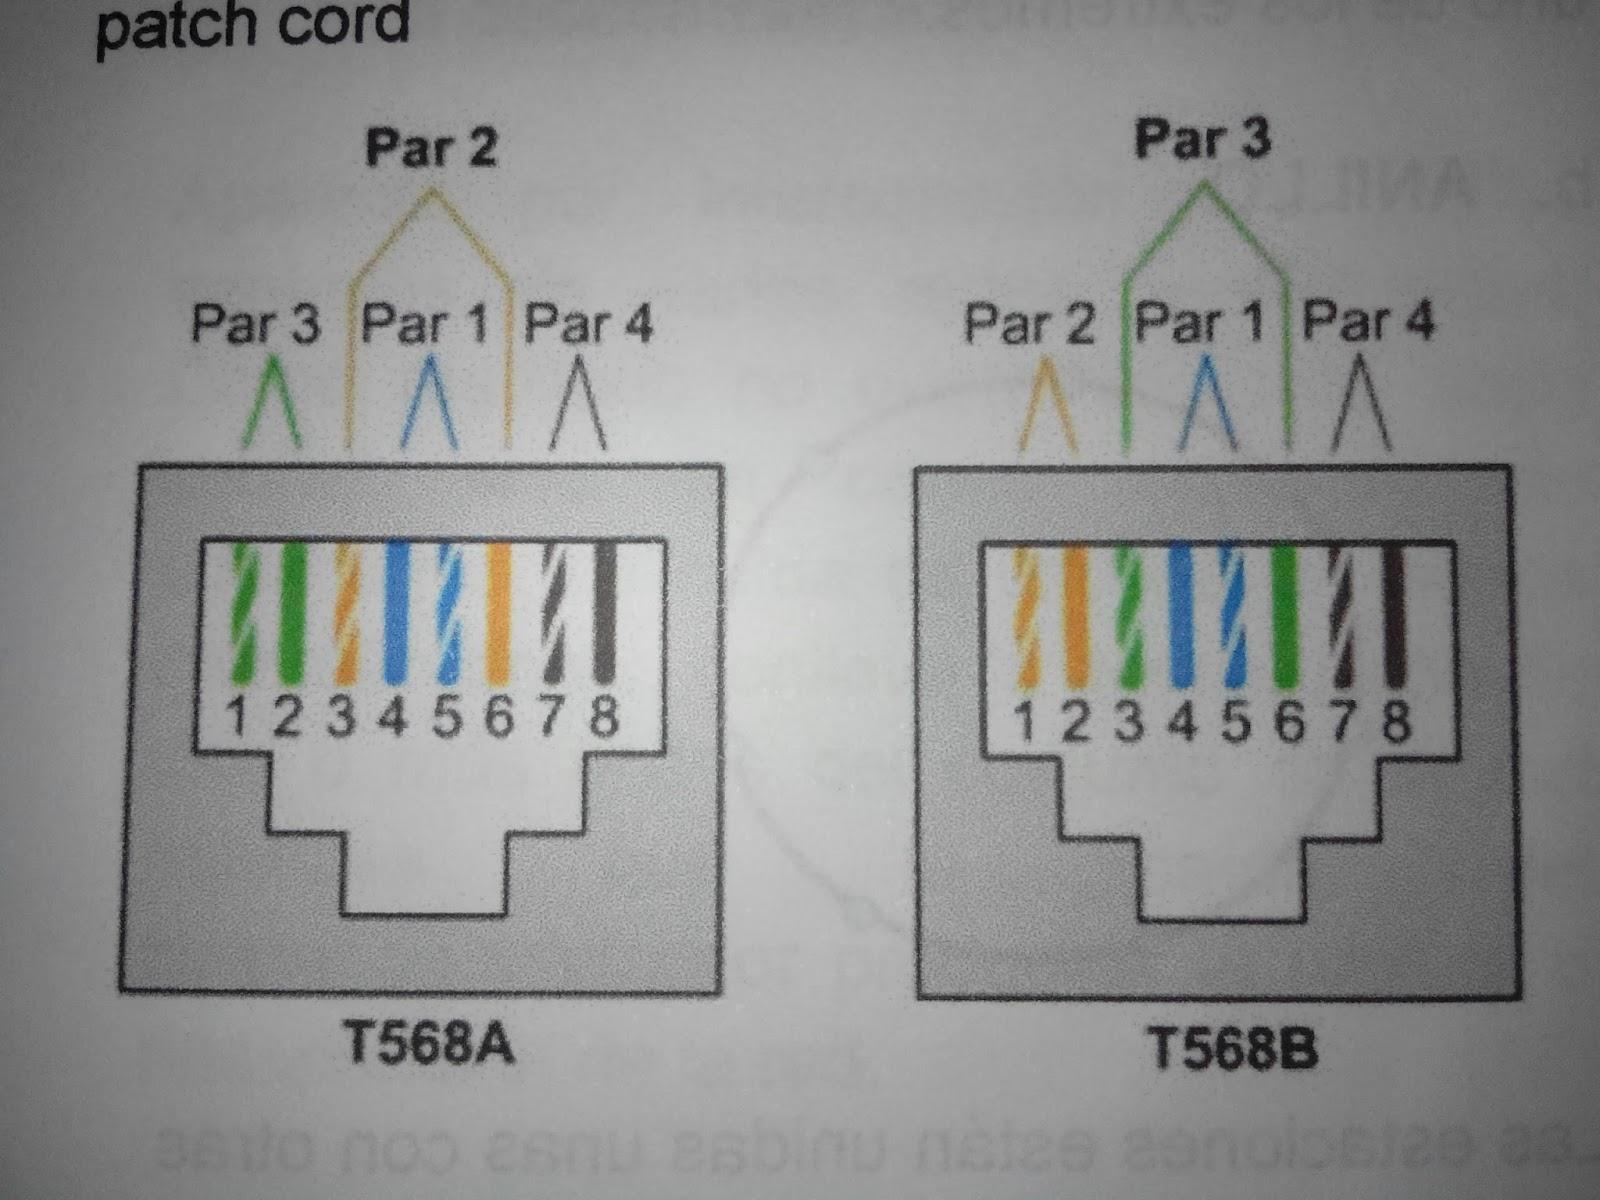 medium resolution of 3 despu s insertar de forma correcta los 8 cables en el terminal rj45 se procede a ponchar el cable de red